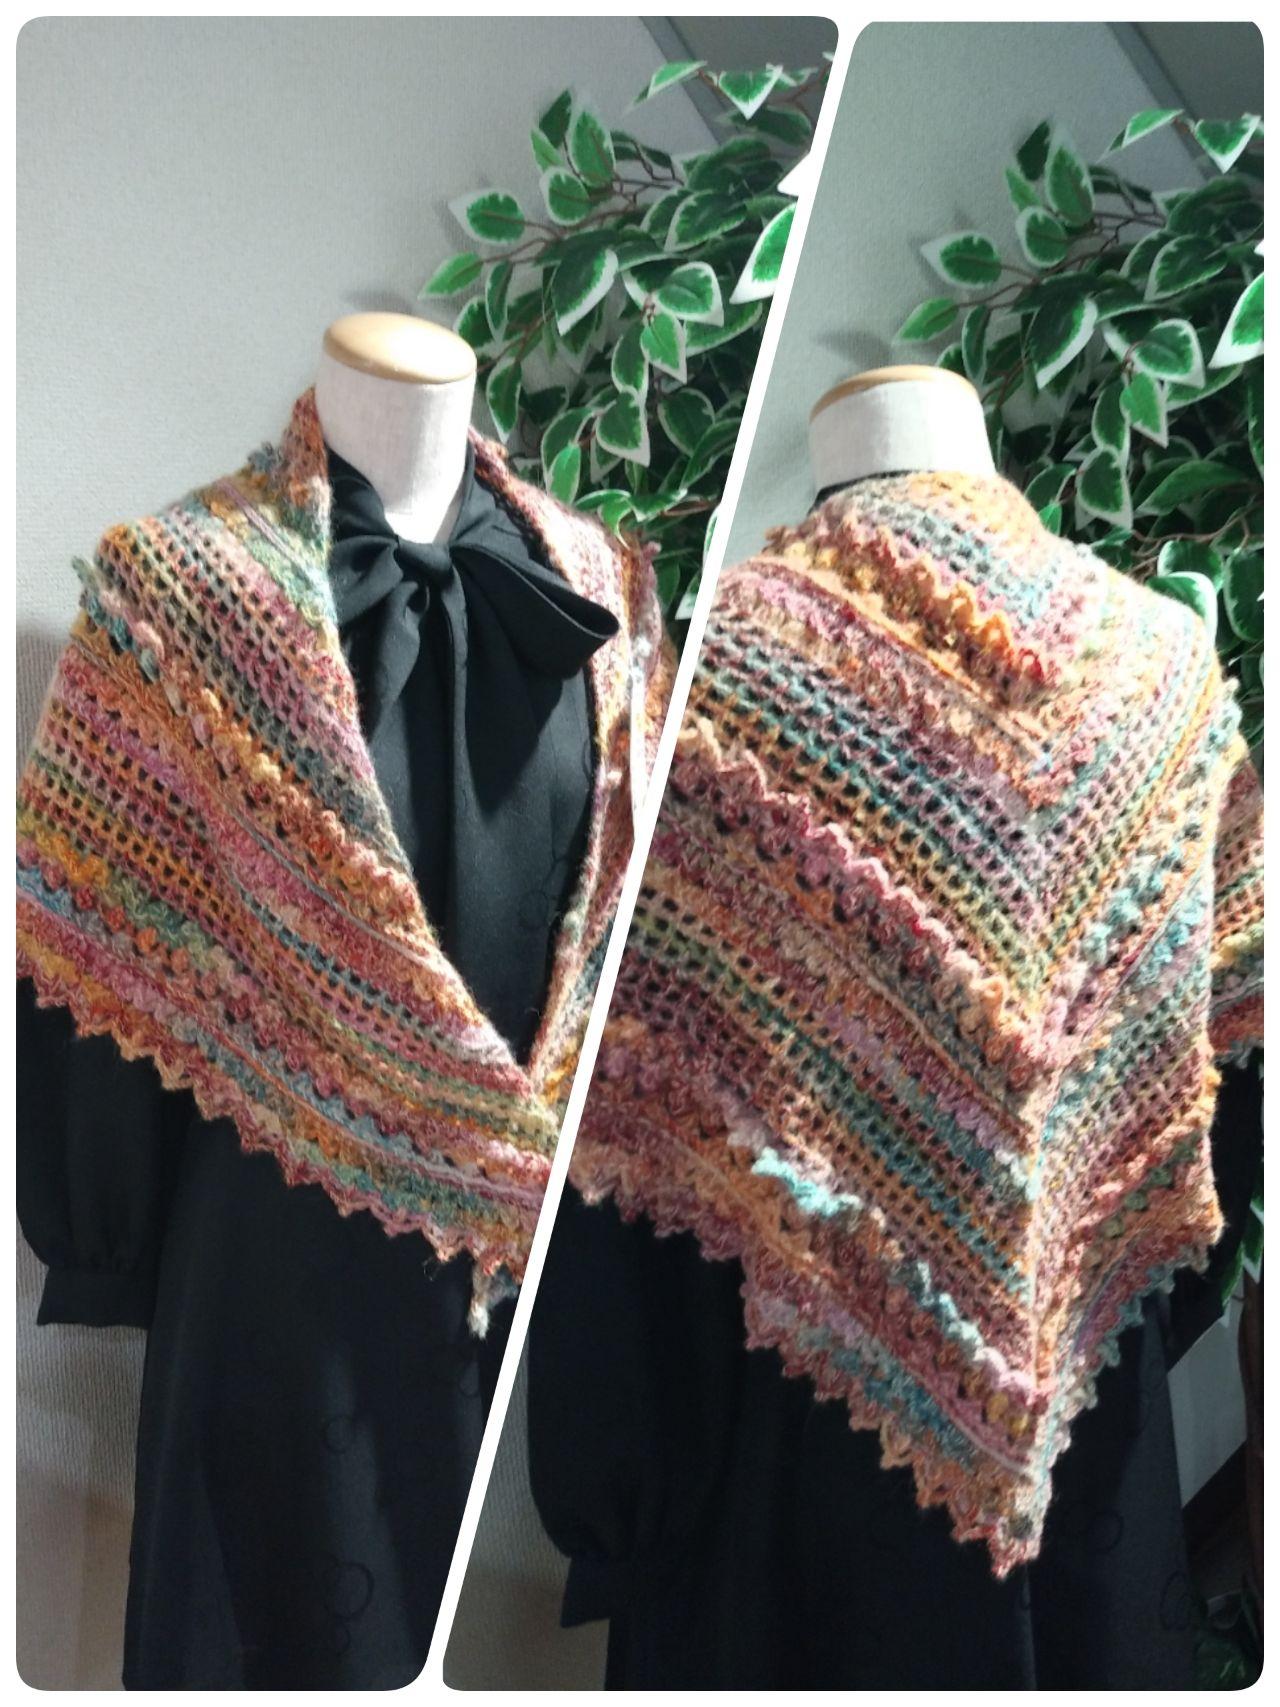 ショール 図 三角 編み